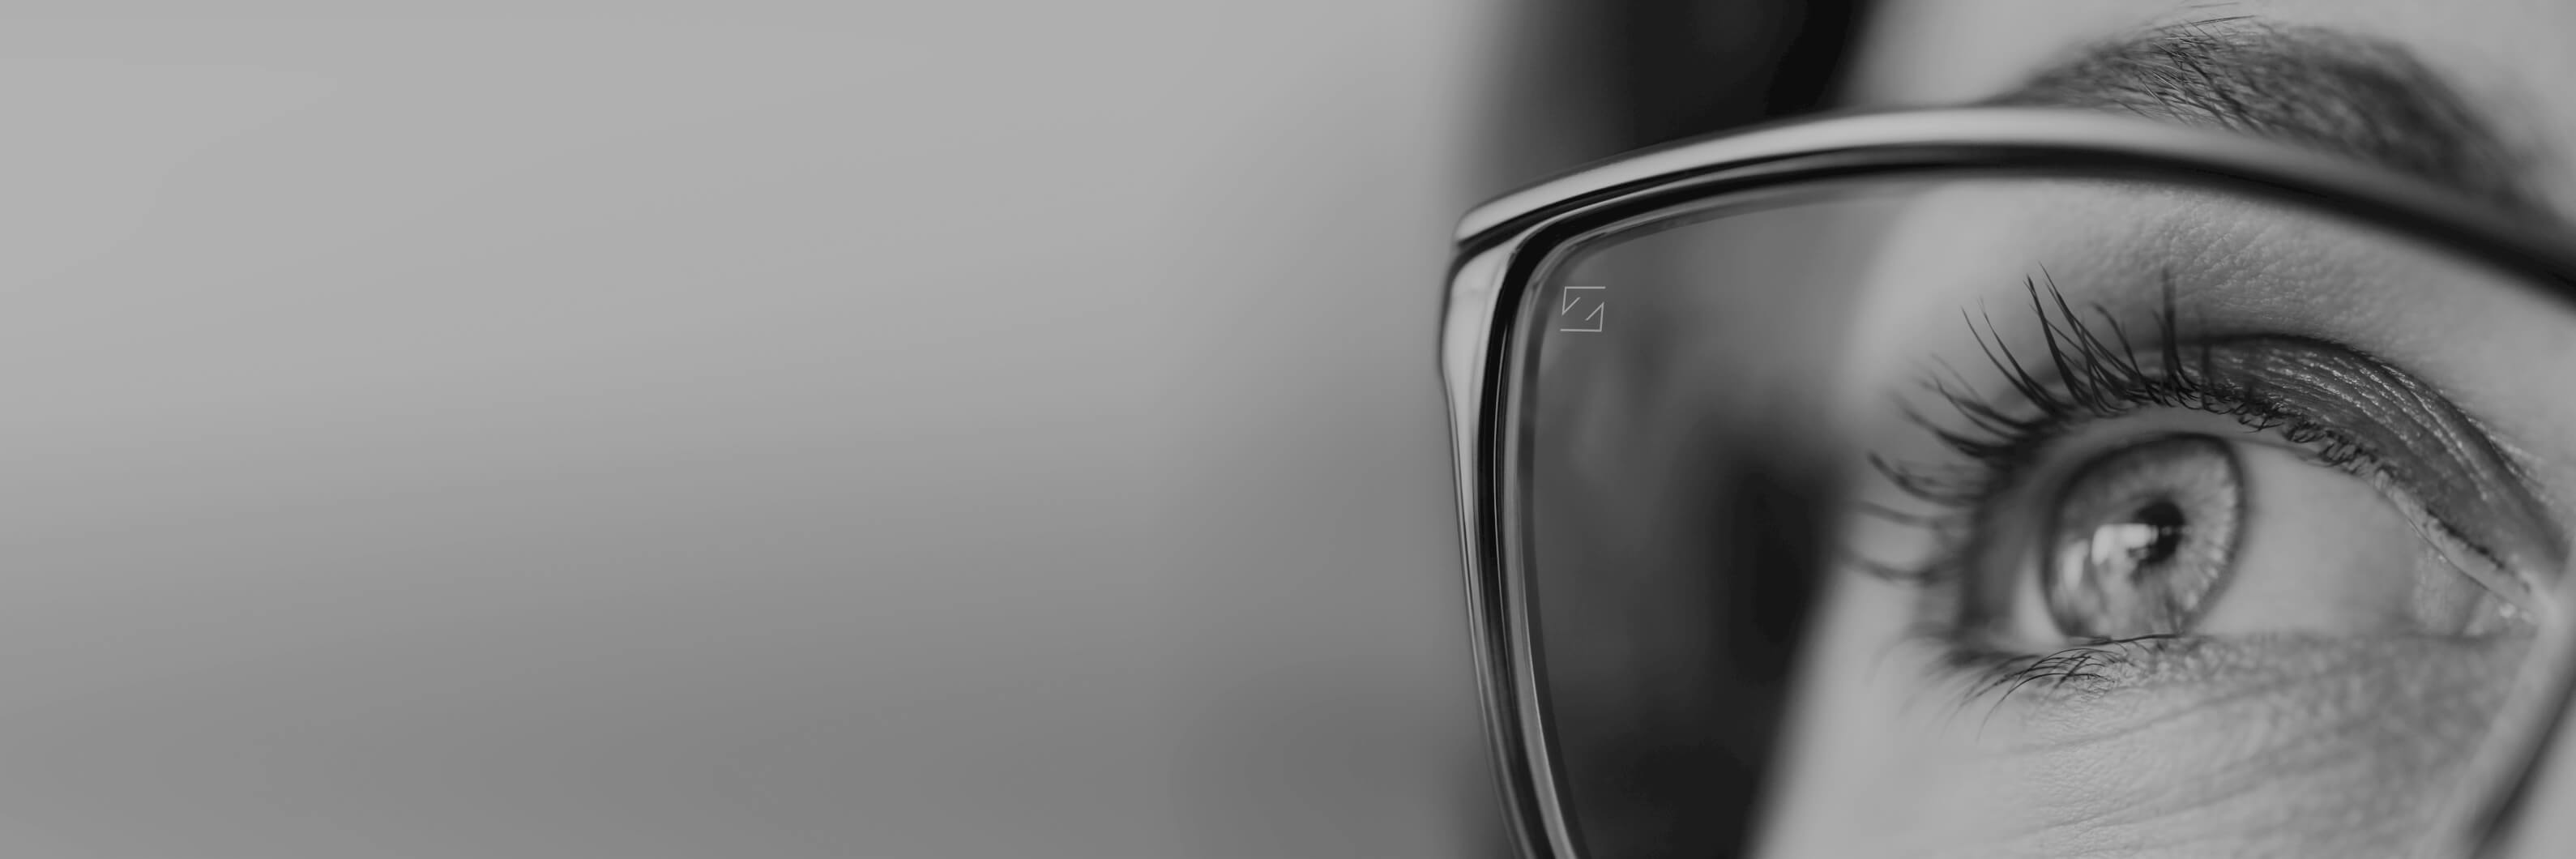 a67aa07cfe ZEISS Vision Care - Lentes oftálmicas e instrumentos de diagnóstico